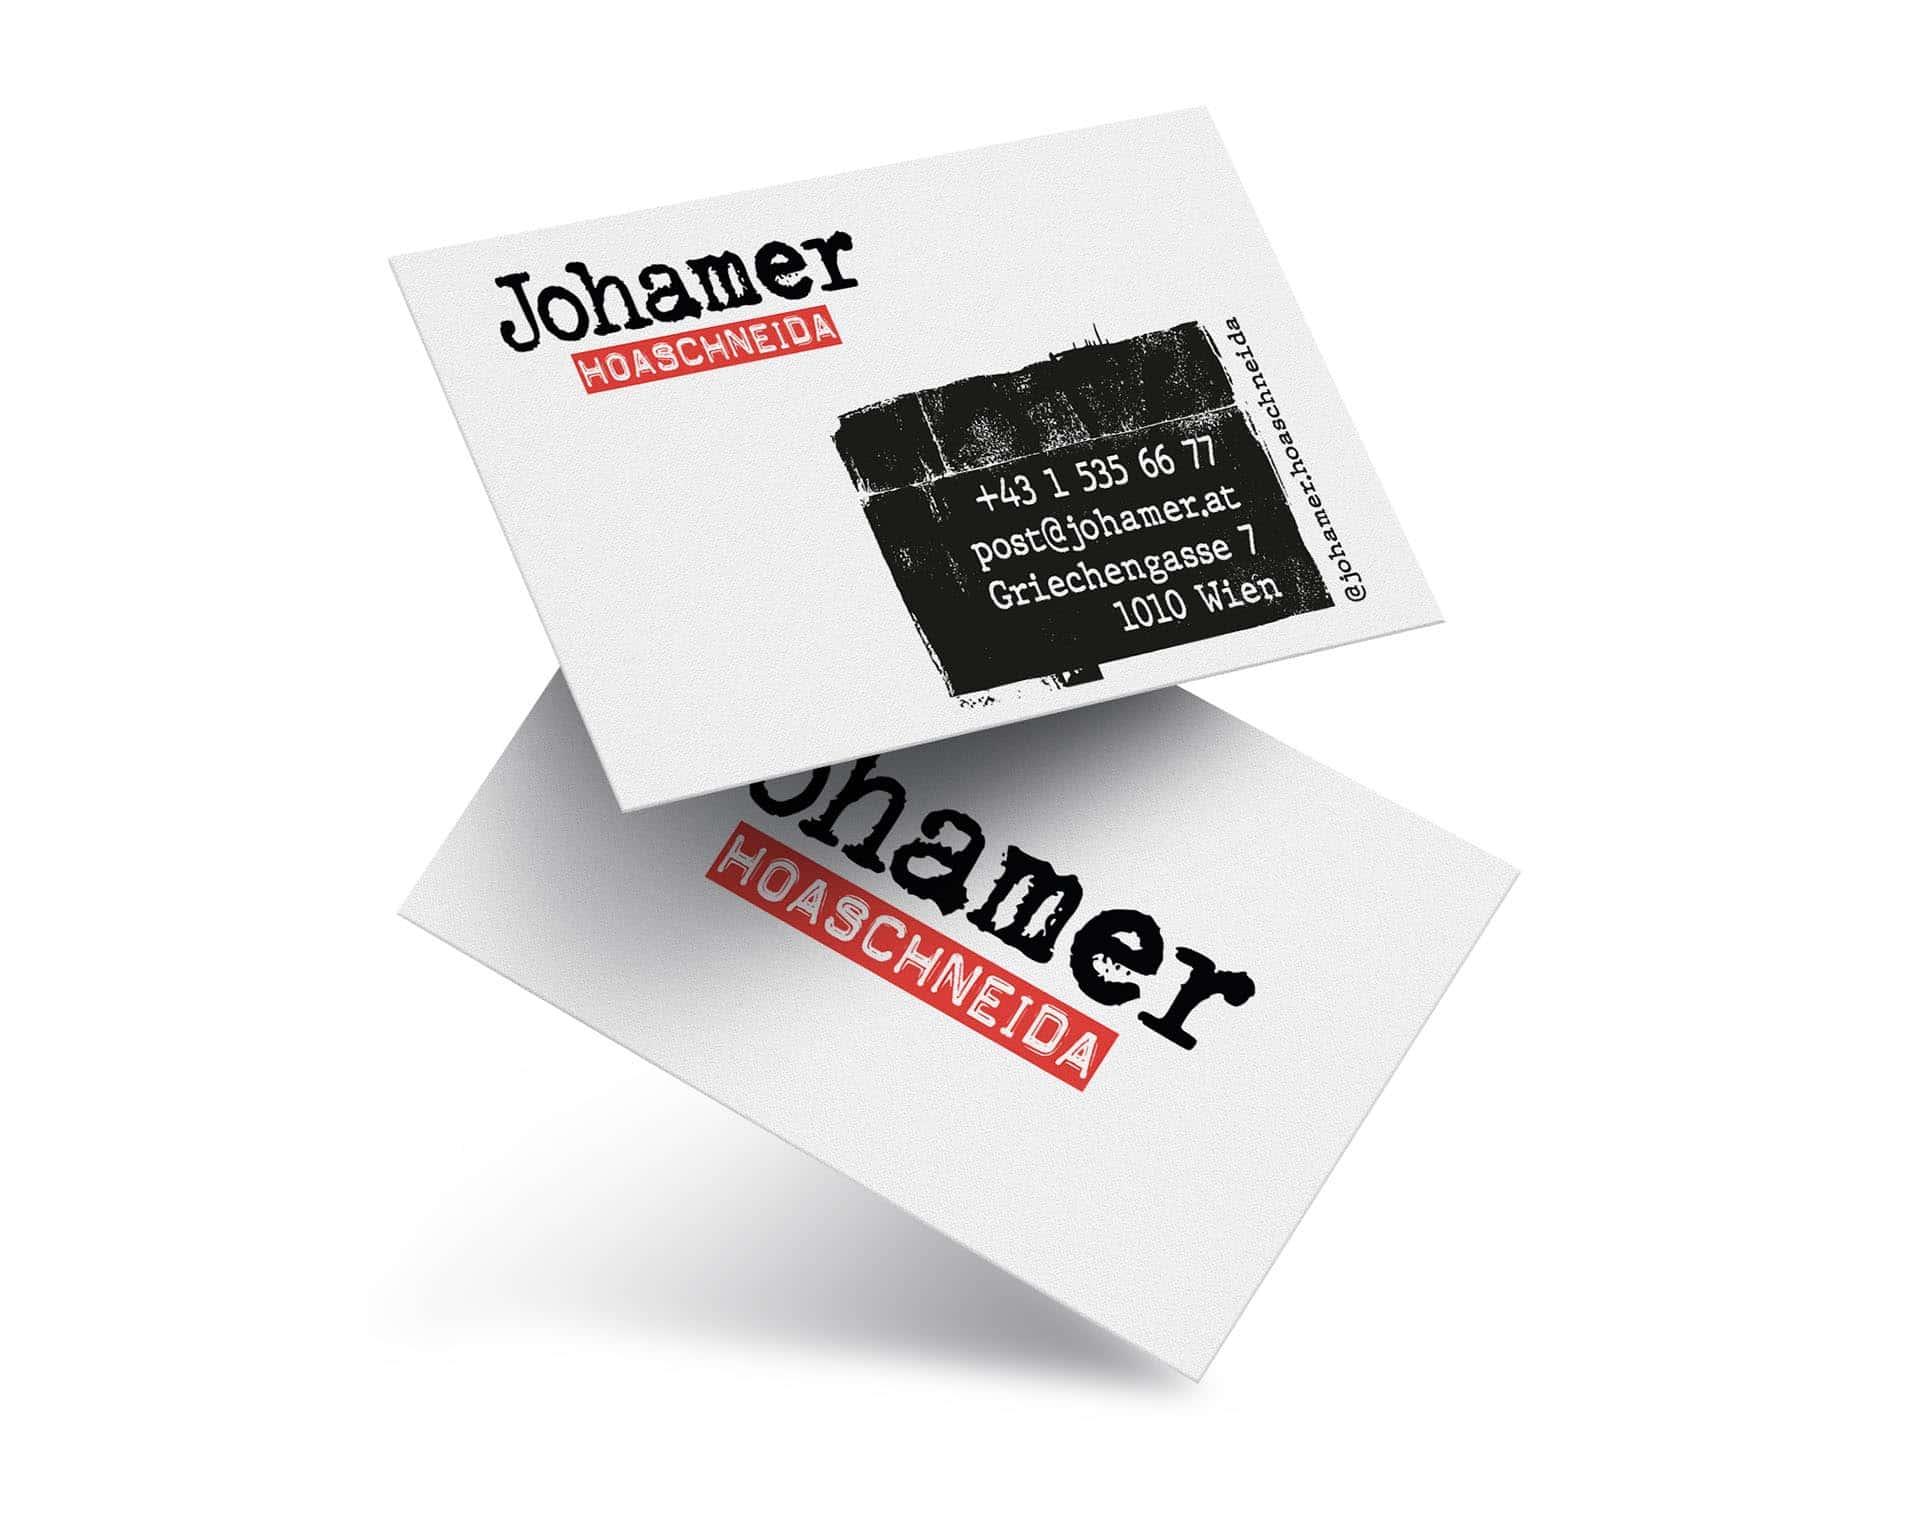 Johamer HoaschneidaBranding:Visitenkarten